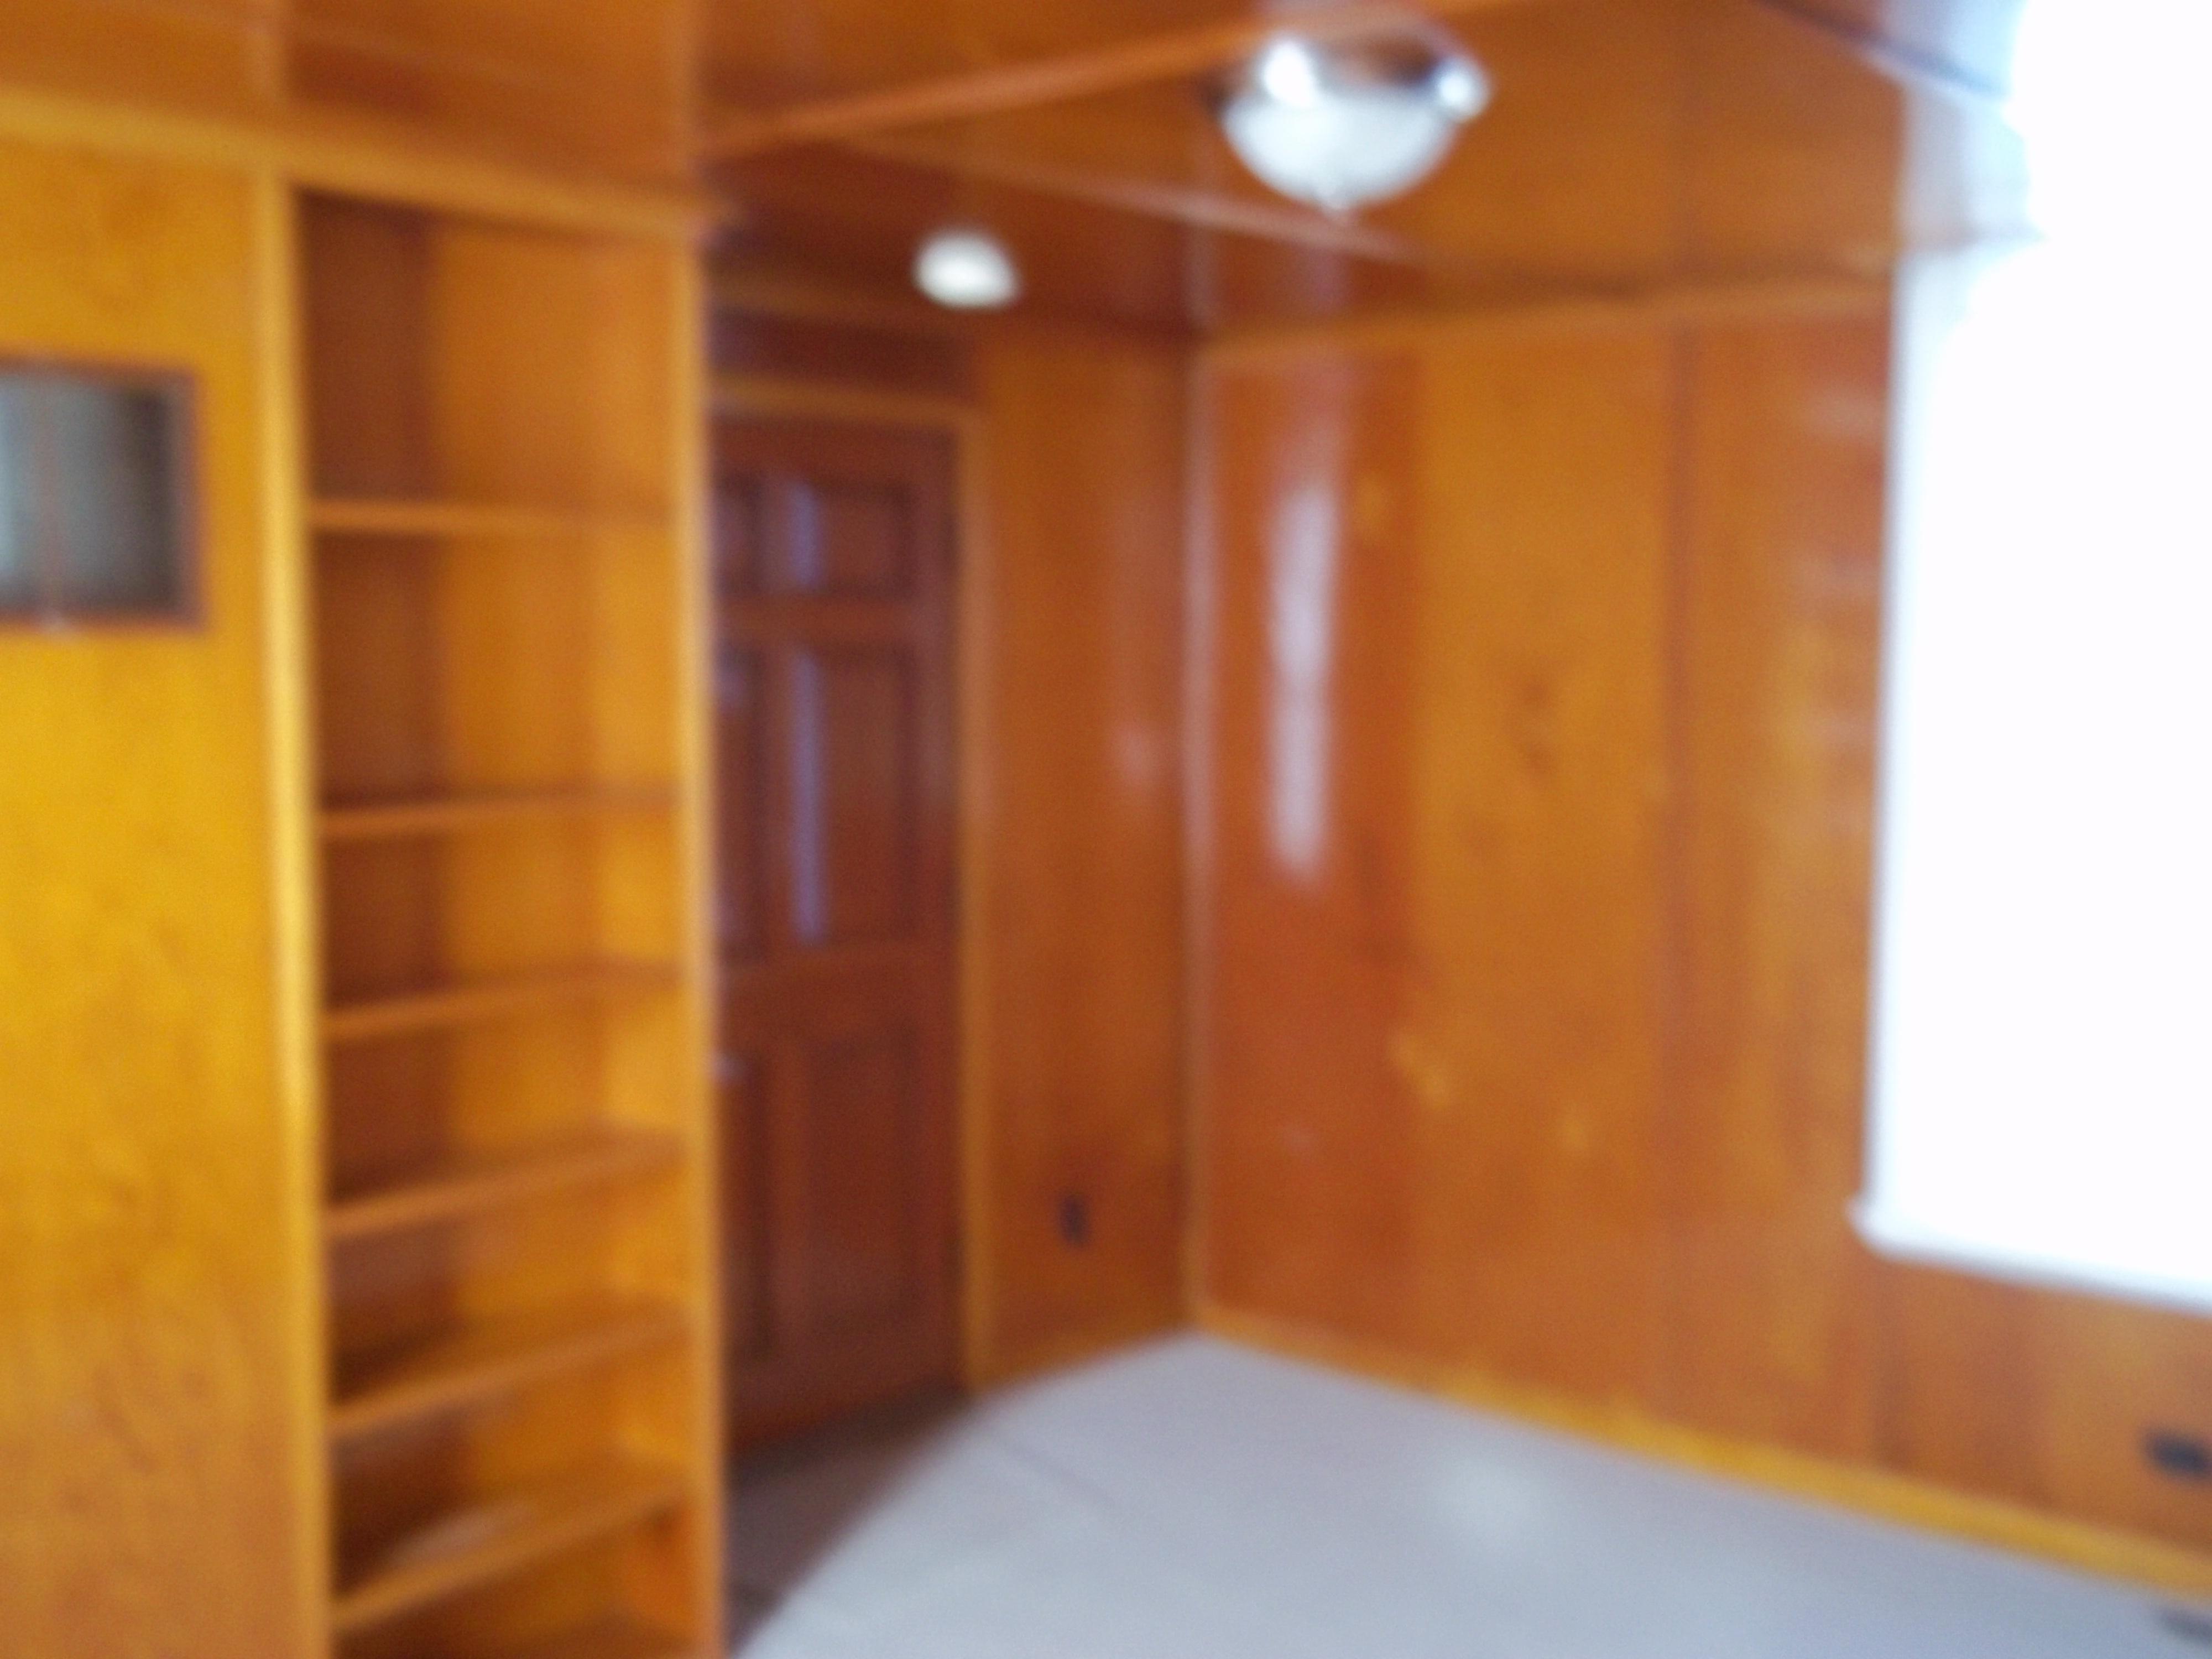 68 N  Vine St  Apt 3 Westerville, OH 43081 – 1 Bedroom